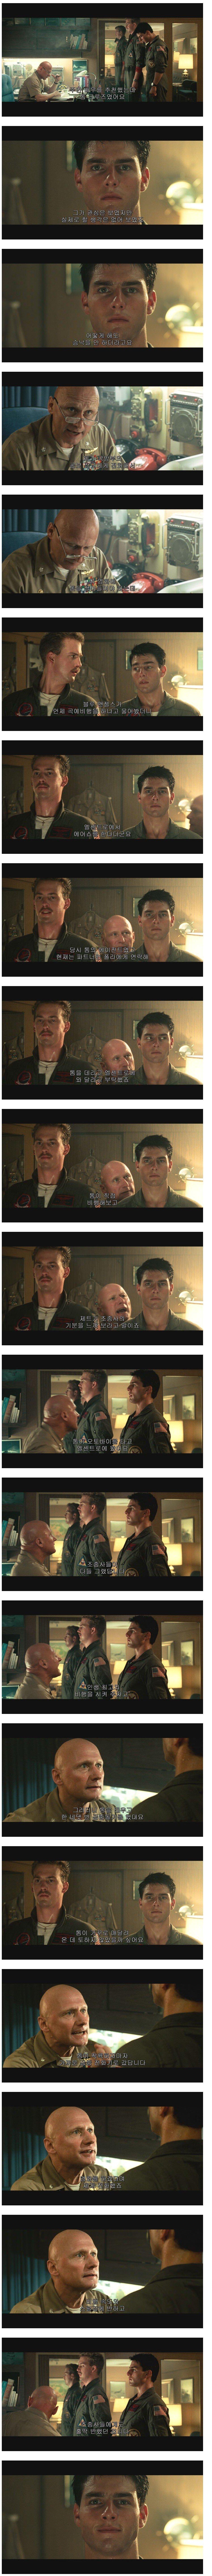 톰 크루즈가 전투기 영화에 출연한 이유.jpg